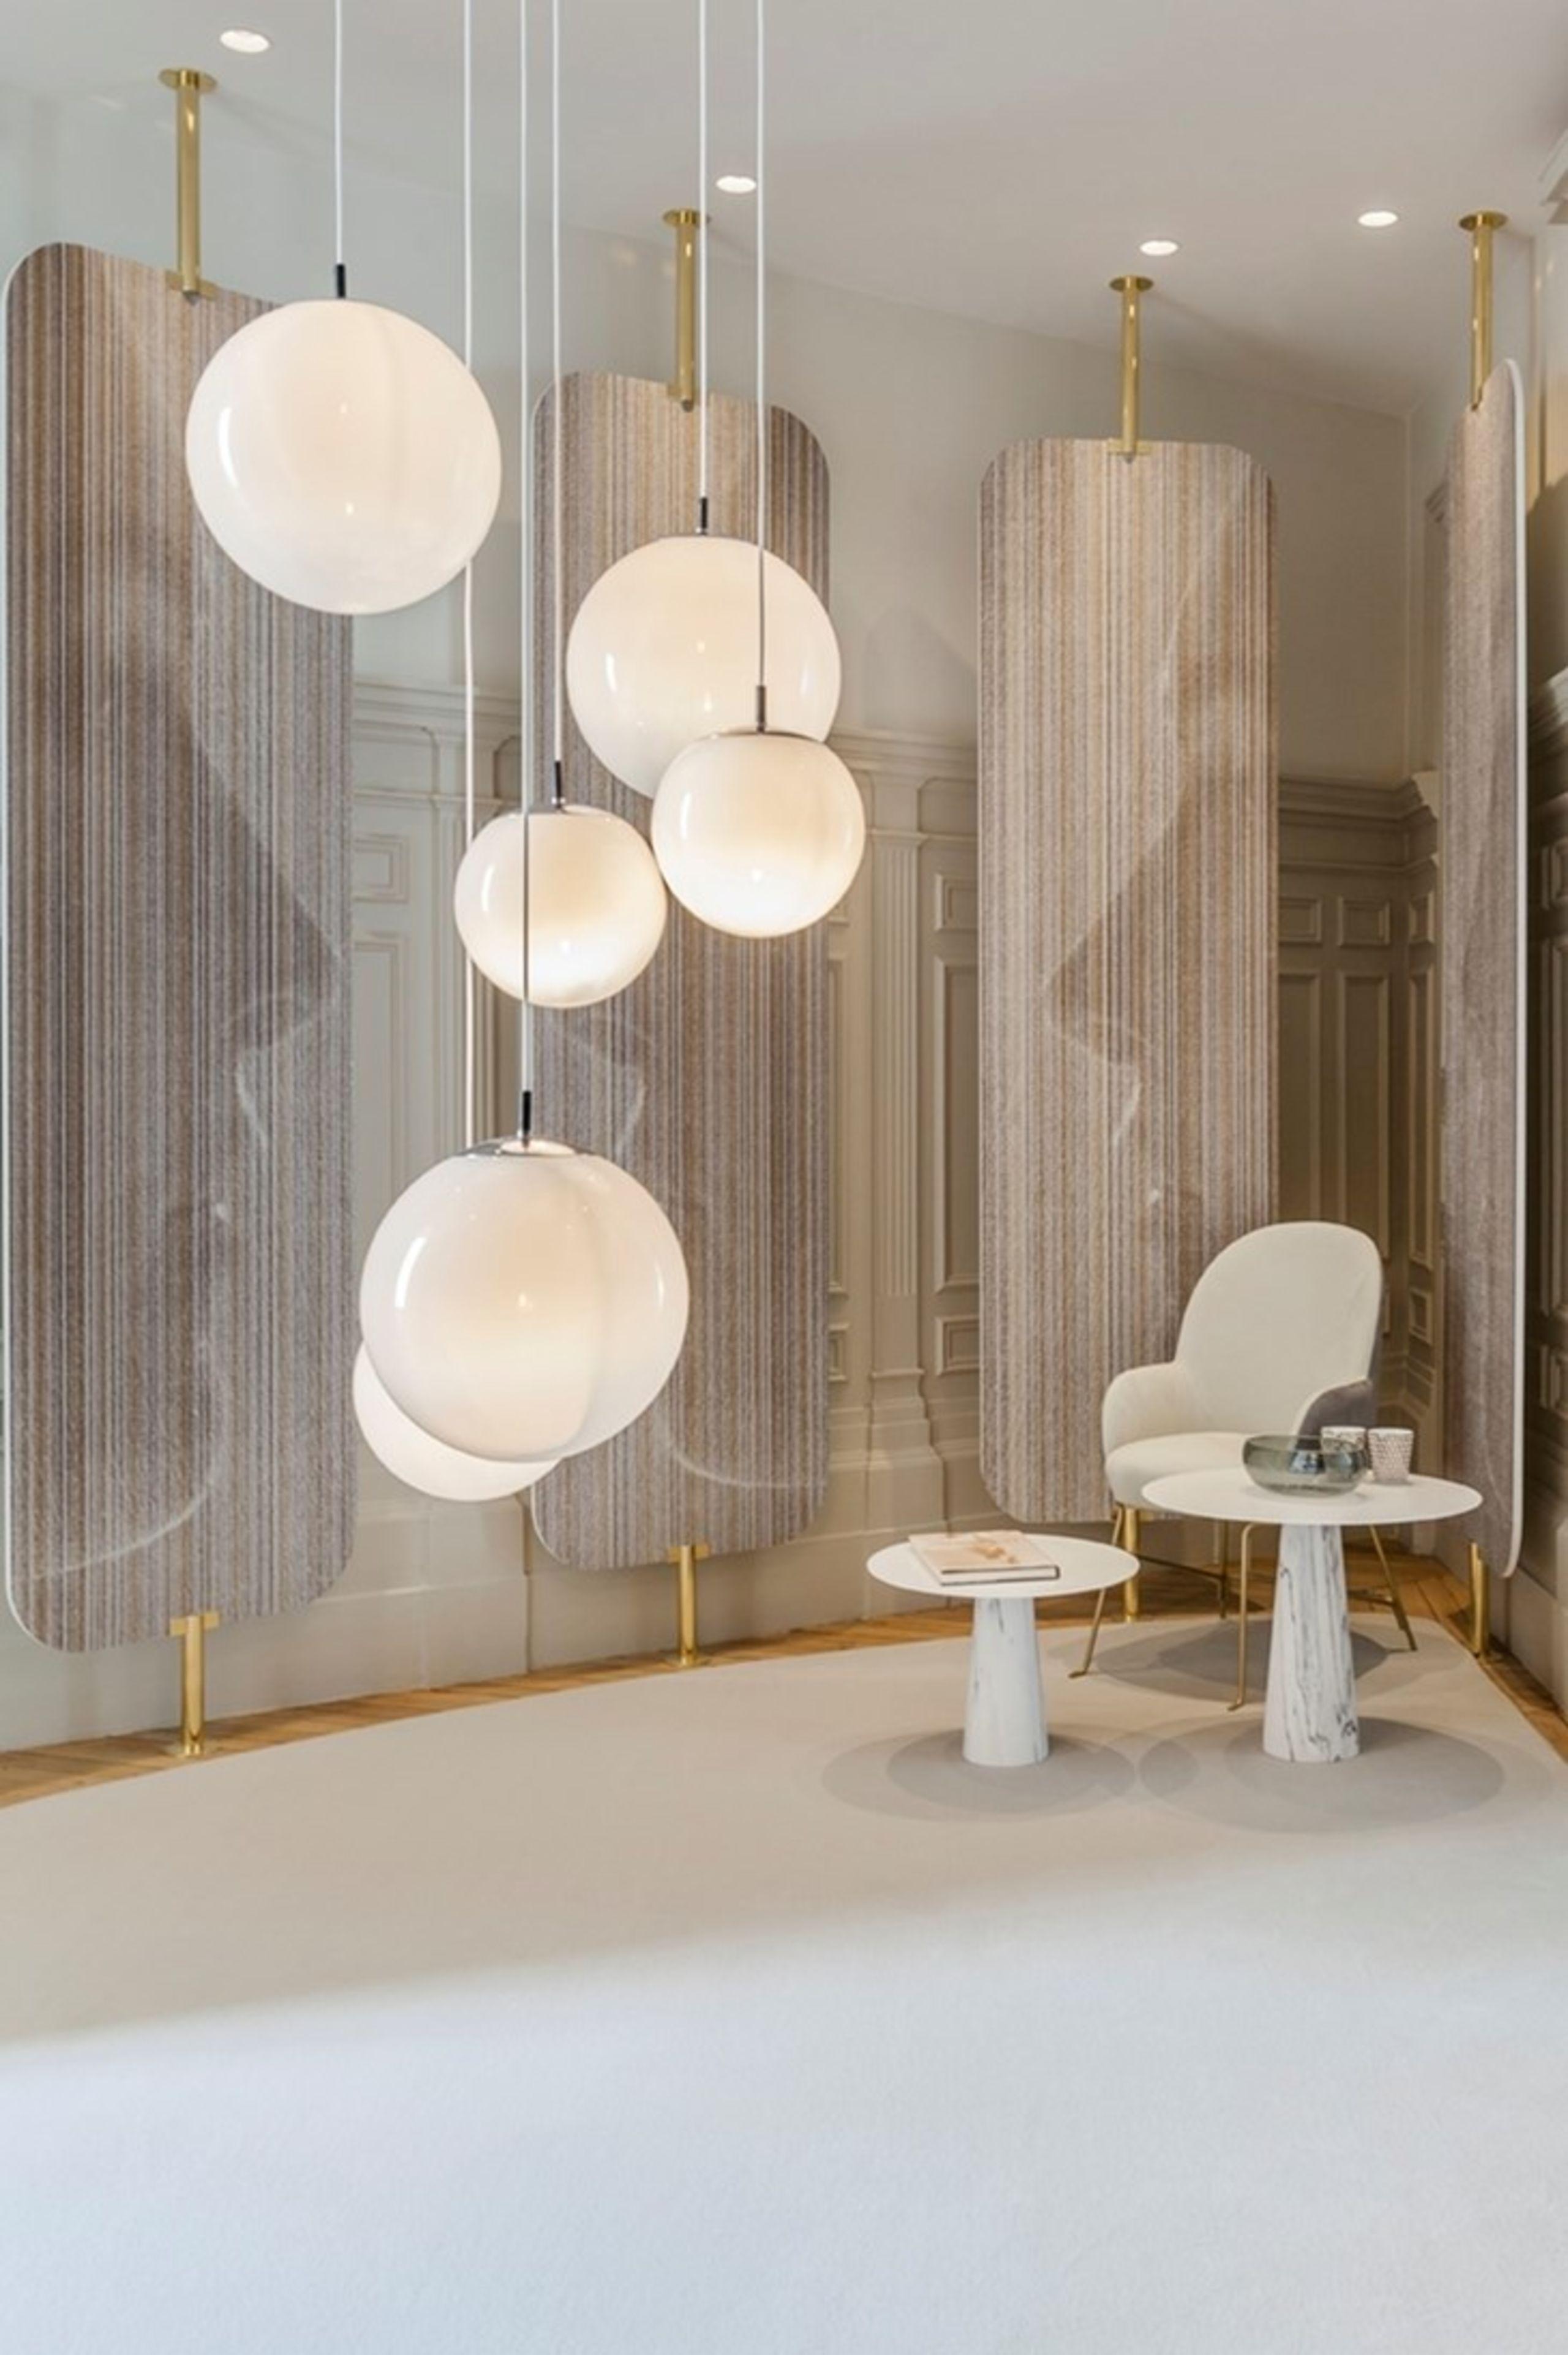 Einrichtungsideen Mit Lampen Kugeldeckenlampe Im Bauhausstil